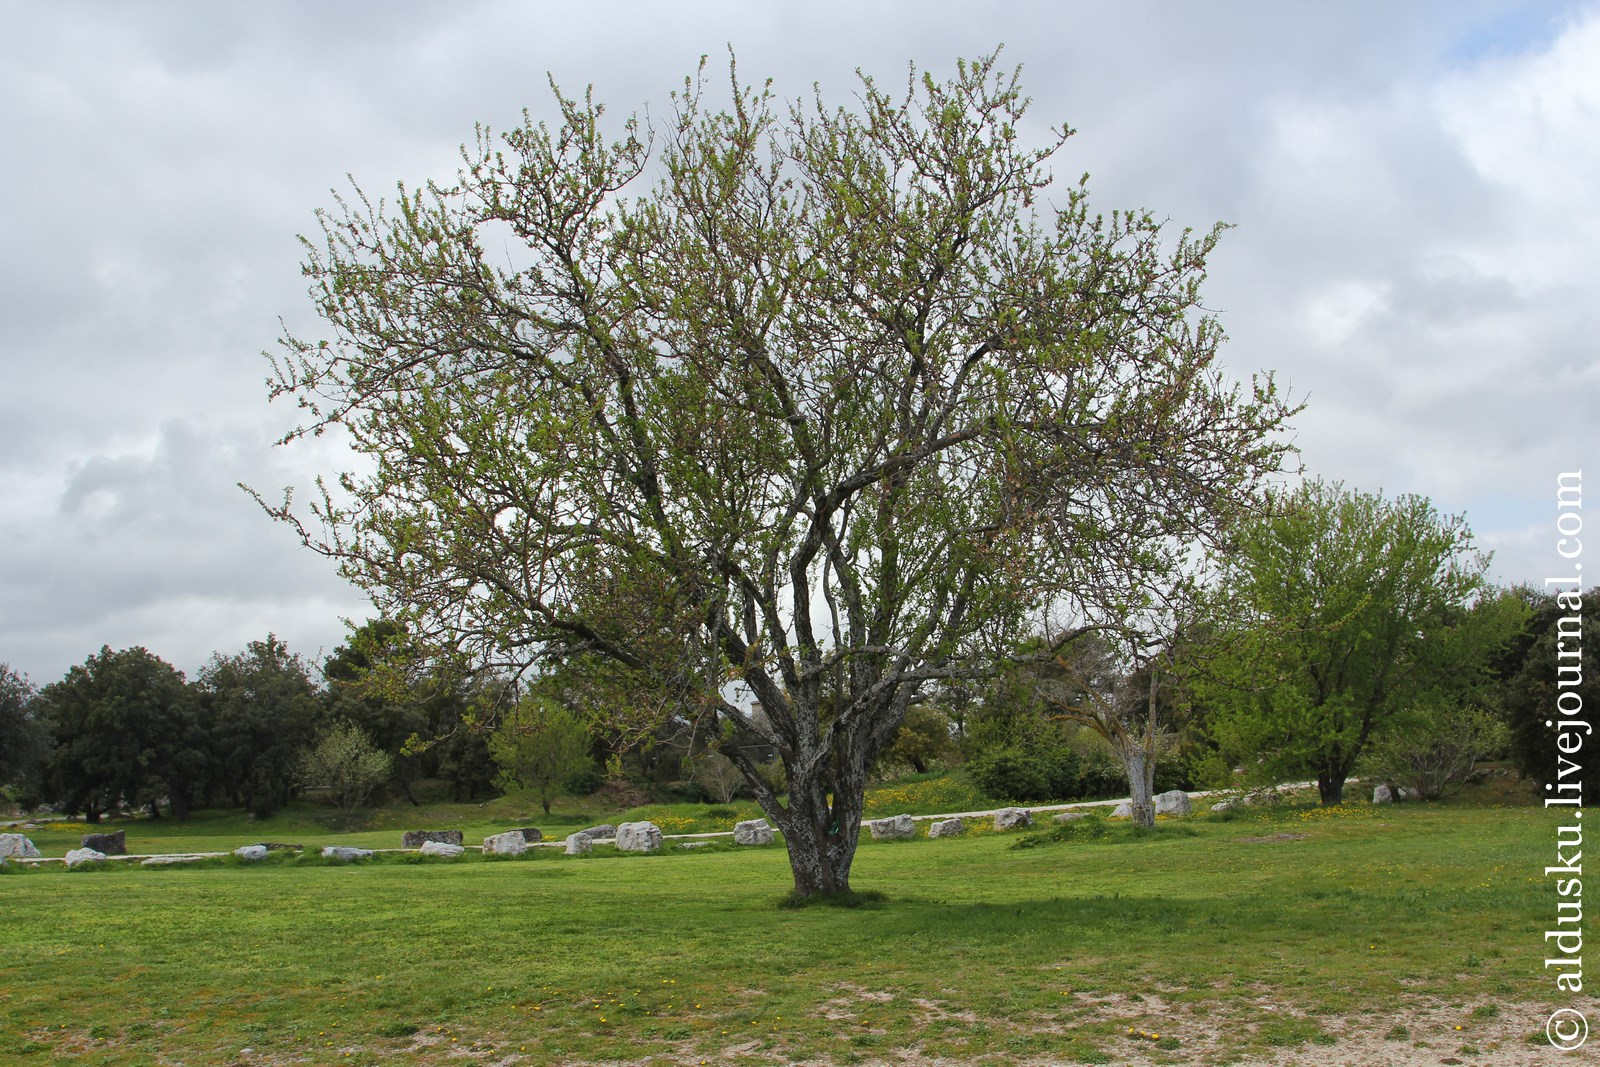 Тут даже ветки деревьев извилисты как мысли их умершего владельца